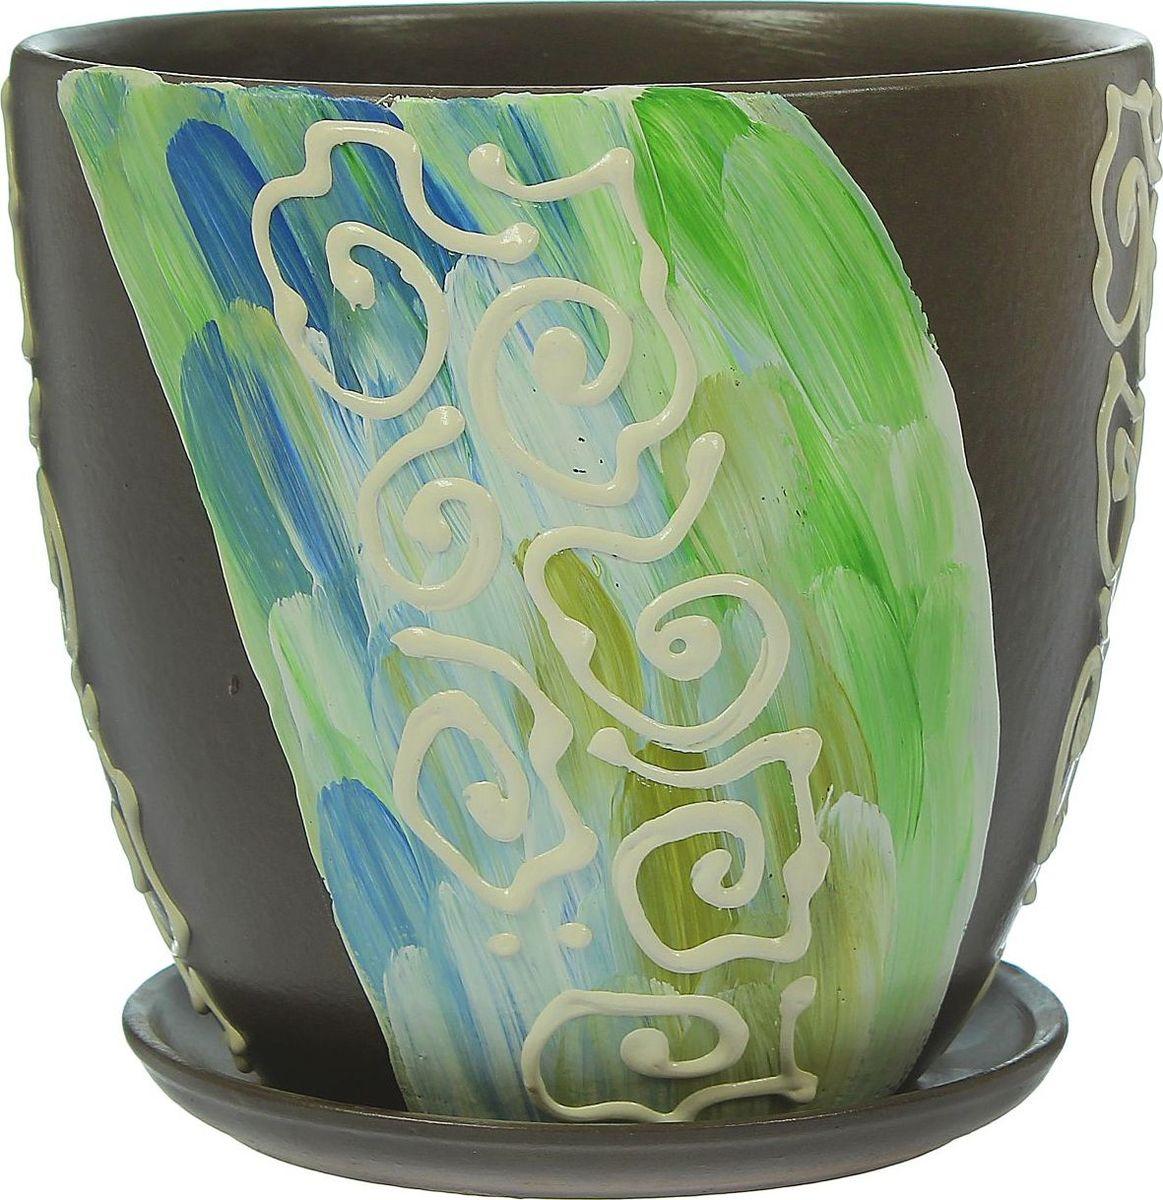 Кашпо Аква, 2,6 л1369838Комнатные растения — всеобщие любимцы. Они радуют глаз, насыщают помещение кислородом и украшают пространство. Каждому из них необходим свой удобный и красивый дом. Кашпо из керамики прекрасно подходят для высадки растений: за счёт пластичности глины и разных способов обработки существует великое множество форм и дизайновпористый материал позволяет испаряться лишней влагевоздух, необходимый для дыхания корней, проникает сквозь керамические стенки! #name# позаботится о зелёном питомце, освежит интерьер и подчеркнёт его стиль.